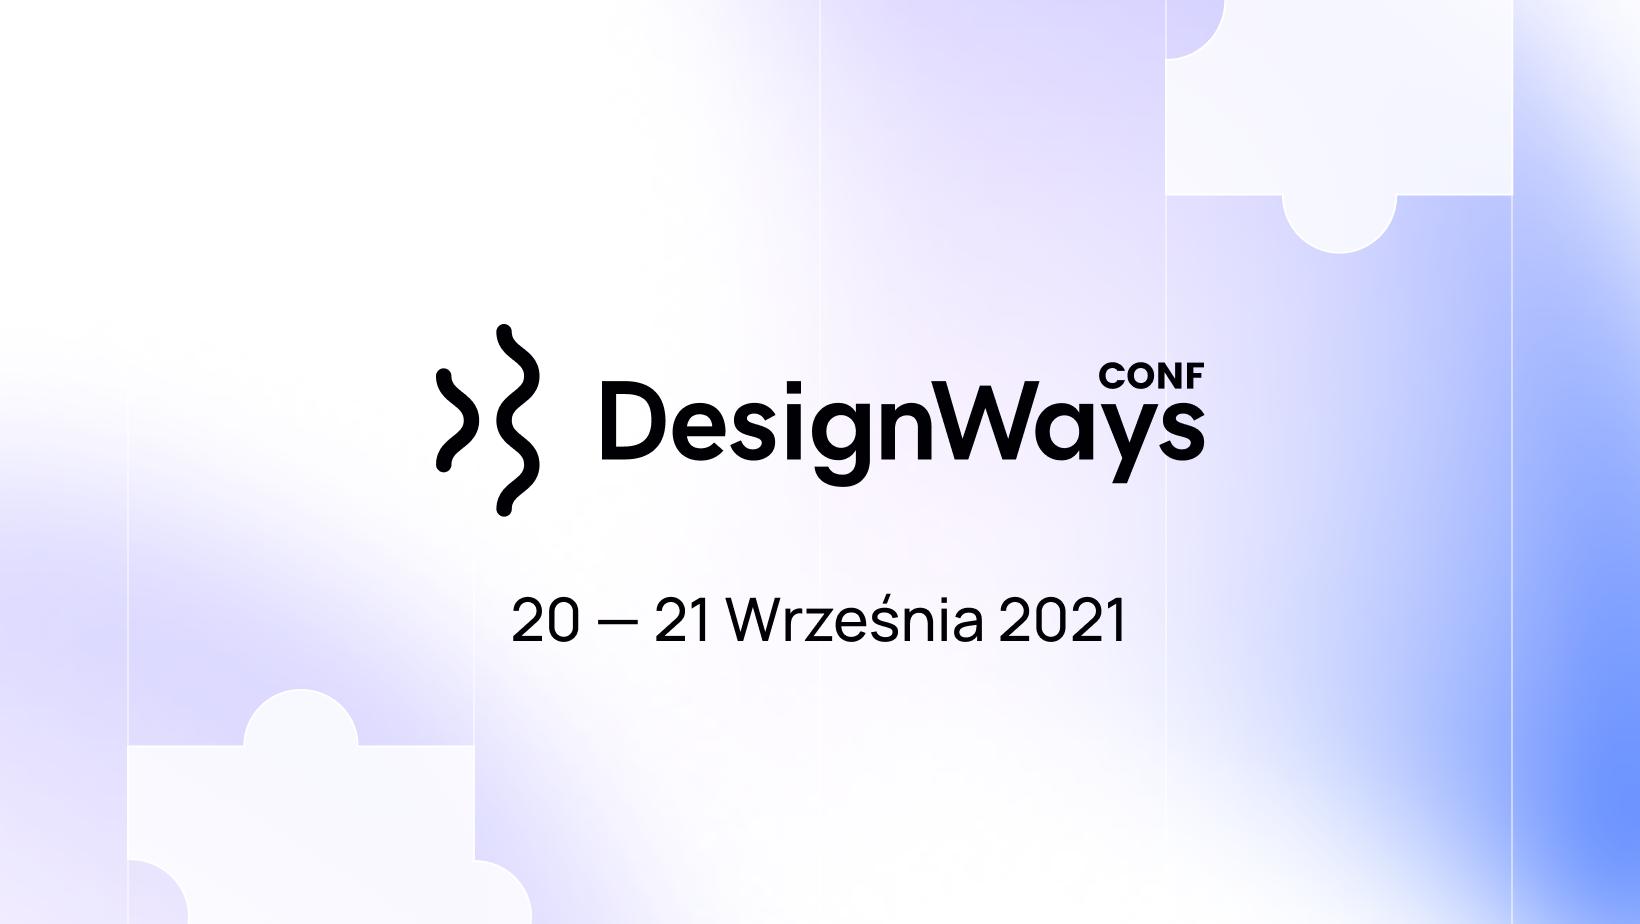 designways-conf-2020